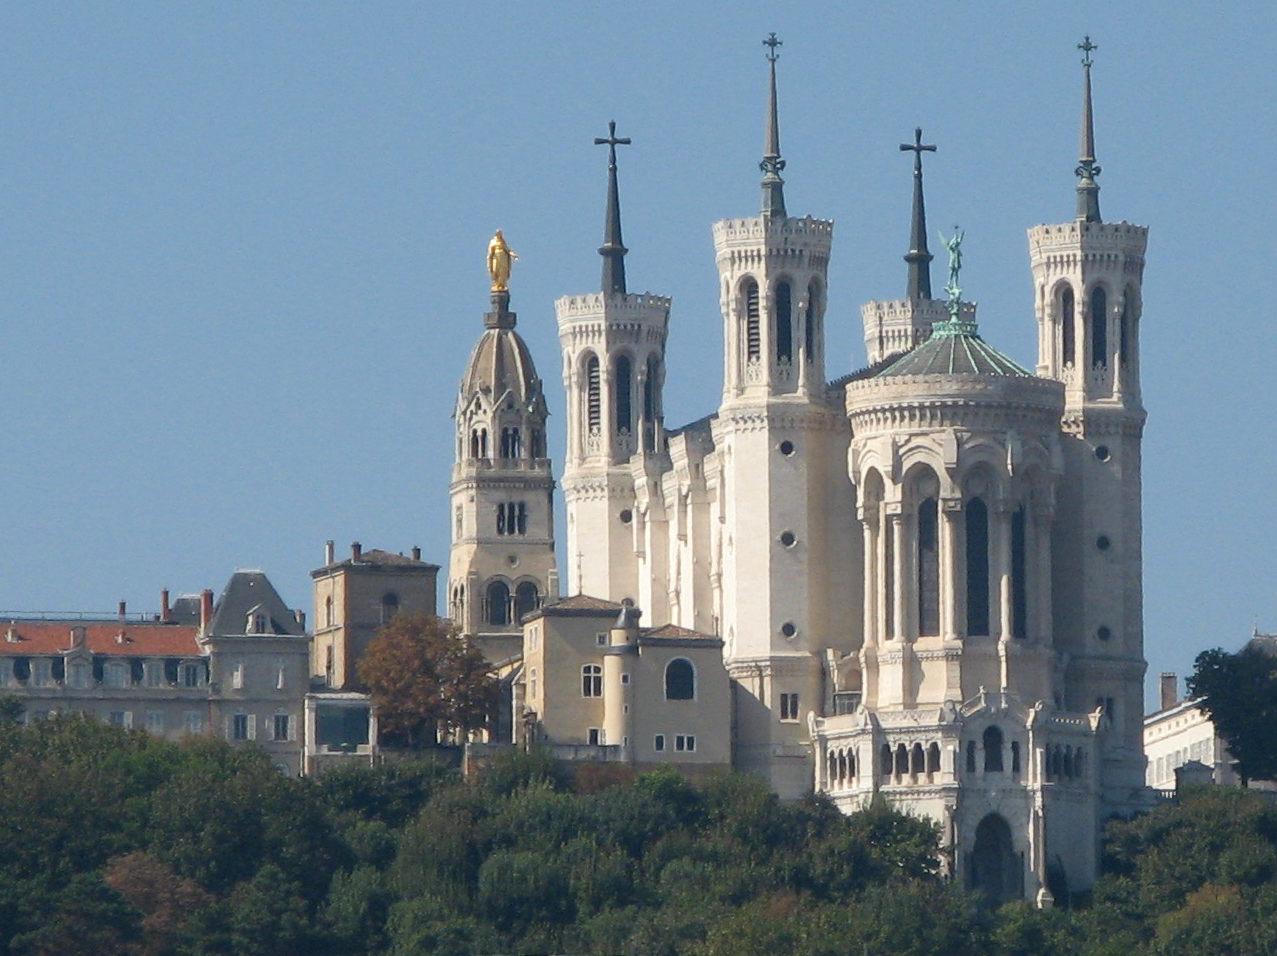 Basilica of Fourvière